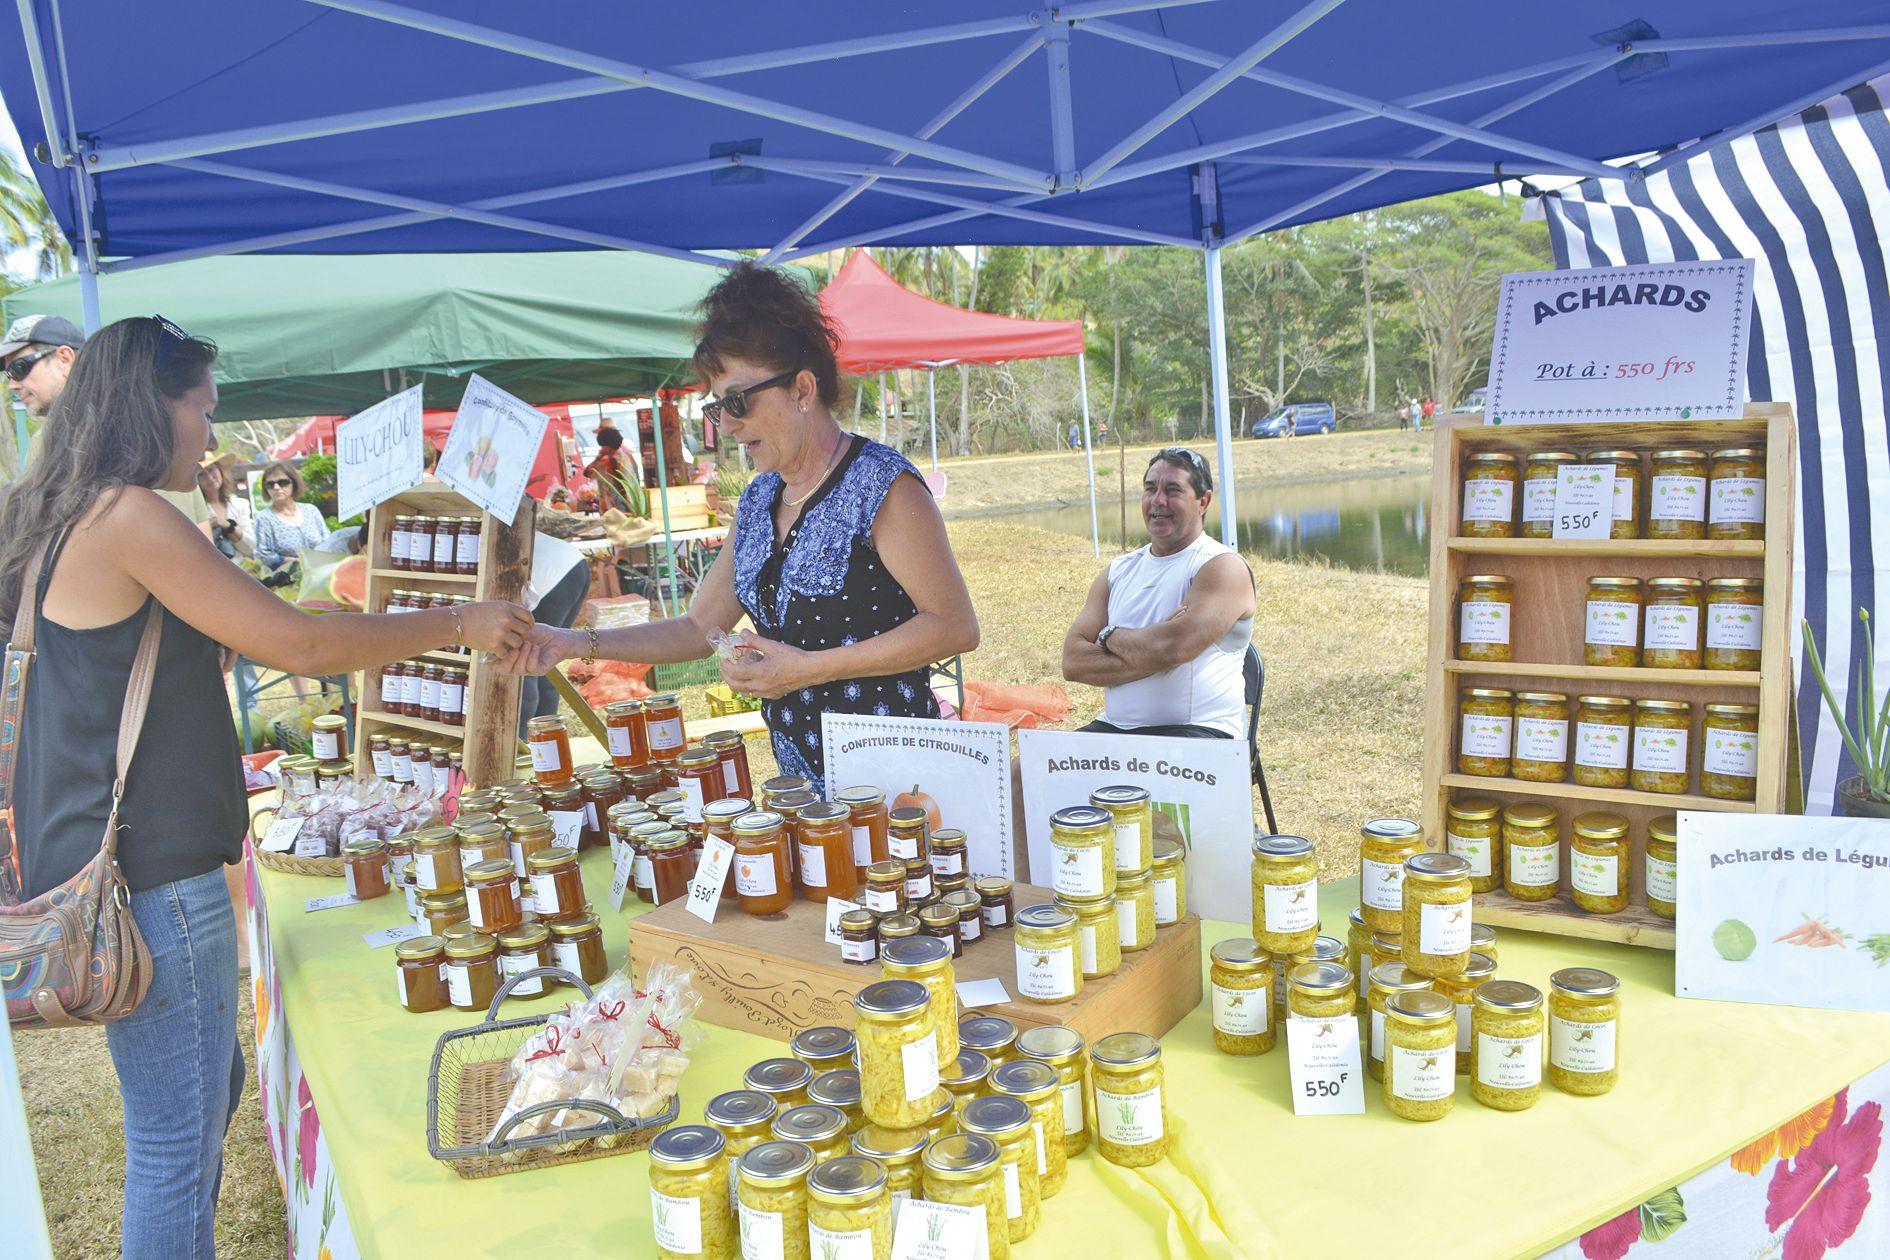 En plus des produits vivriers, les visiteurs pouvaient faire le plein de produits transformés et artisanaux, tels que confitures de citrouille, confiseries, achards de coco ou de légumes, saucissons de cerf, rillettes, etc. à des prix raisonnables.